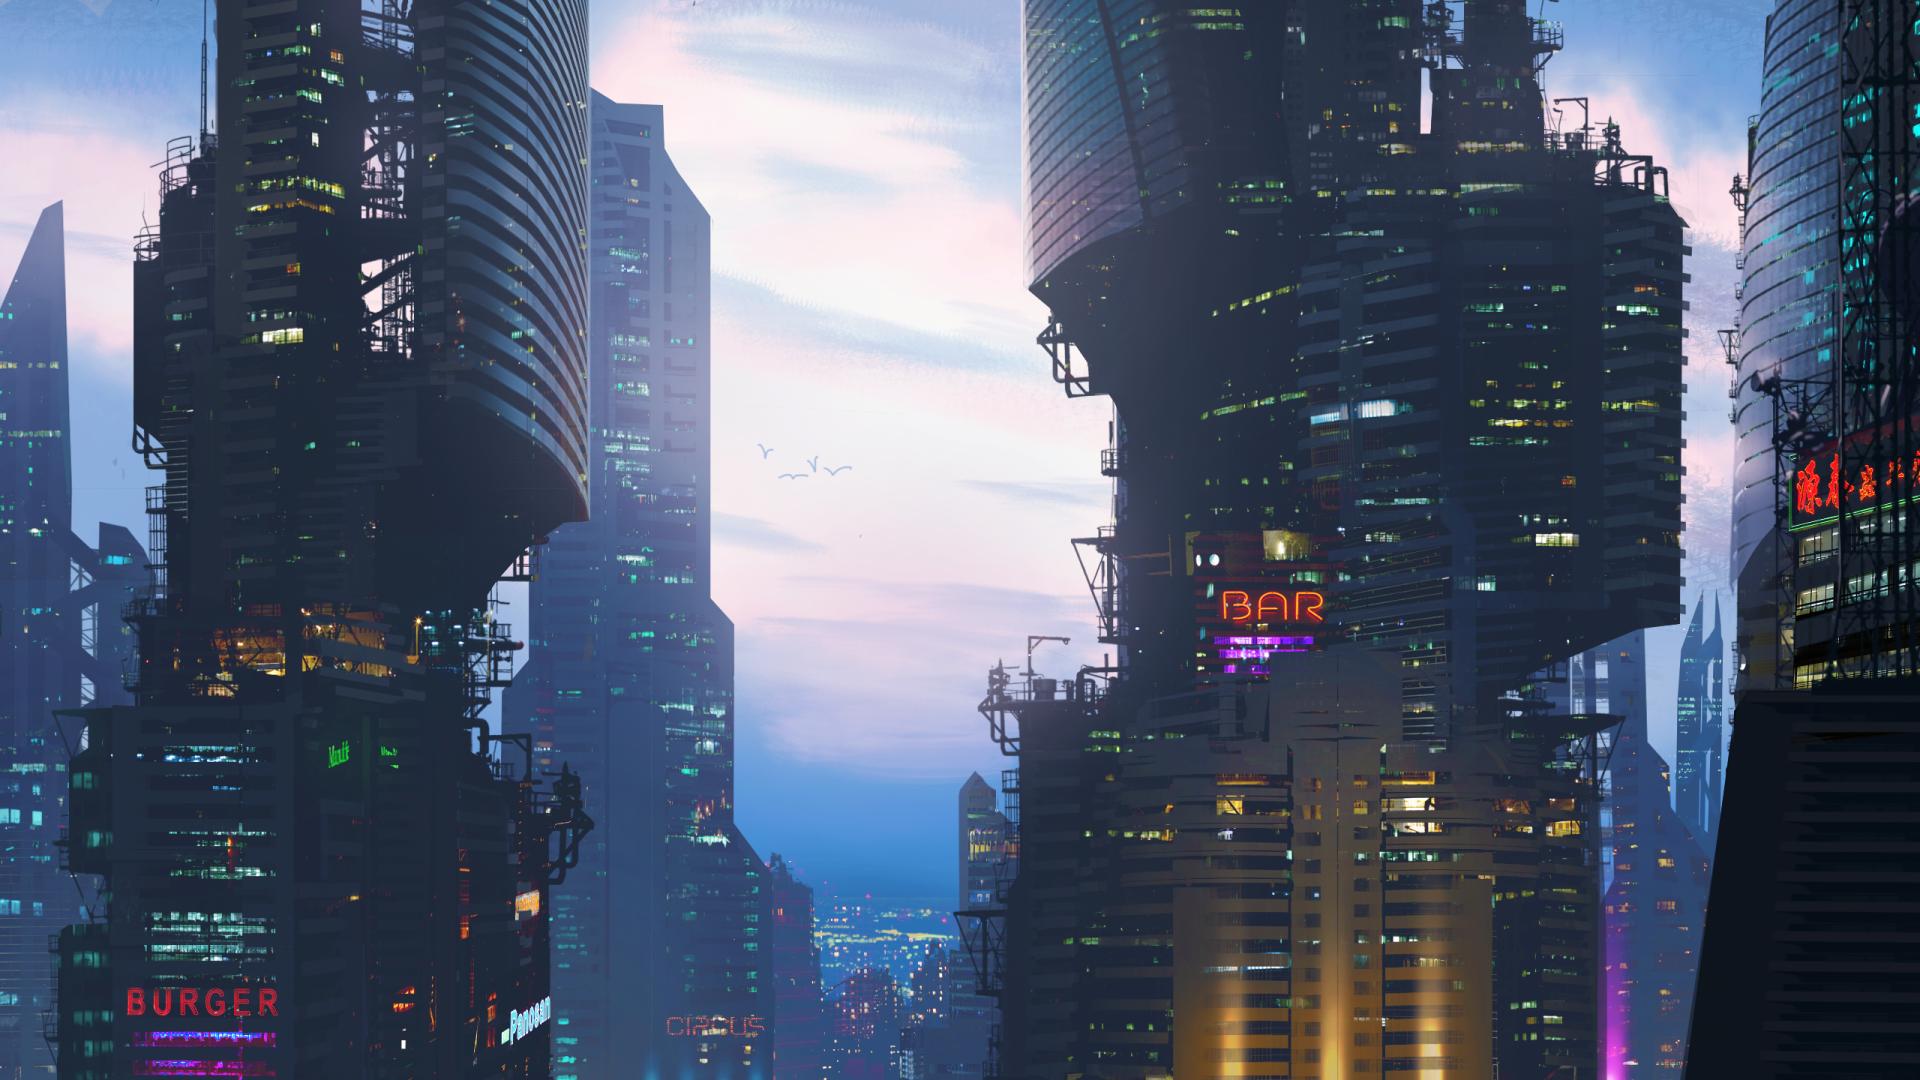 Sci Fi - City  Sci Fi Building Skyscraper Bar Sky Cloud Wallpaper